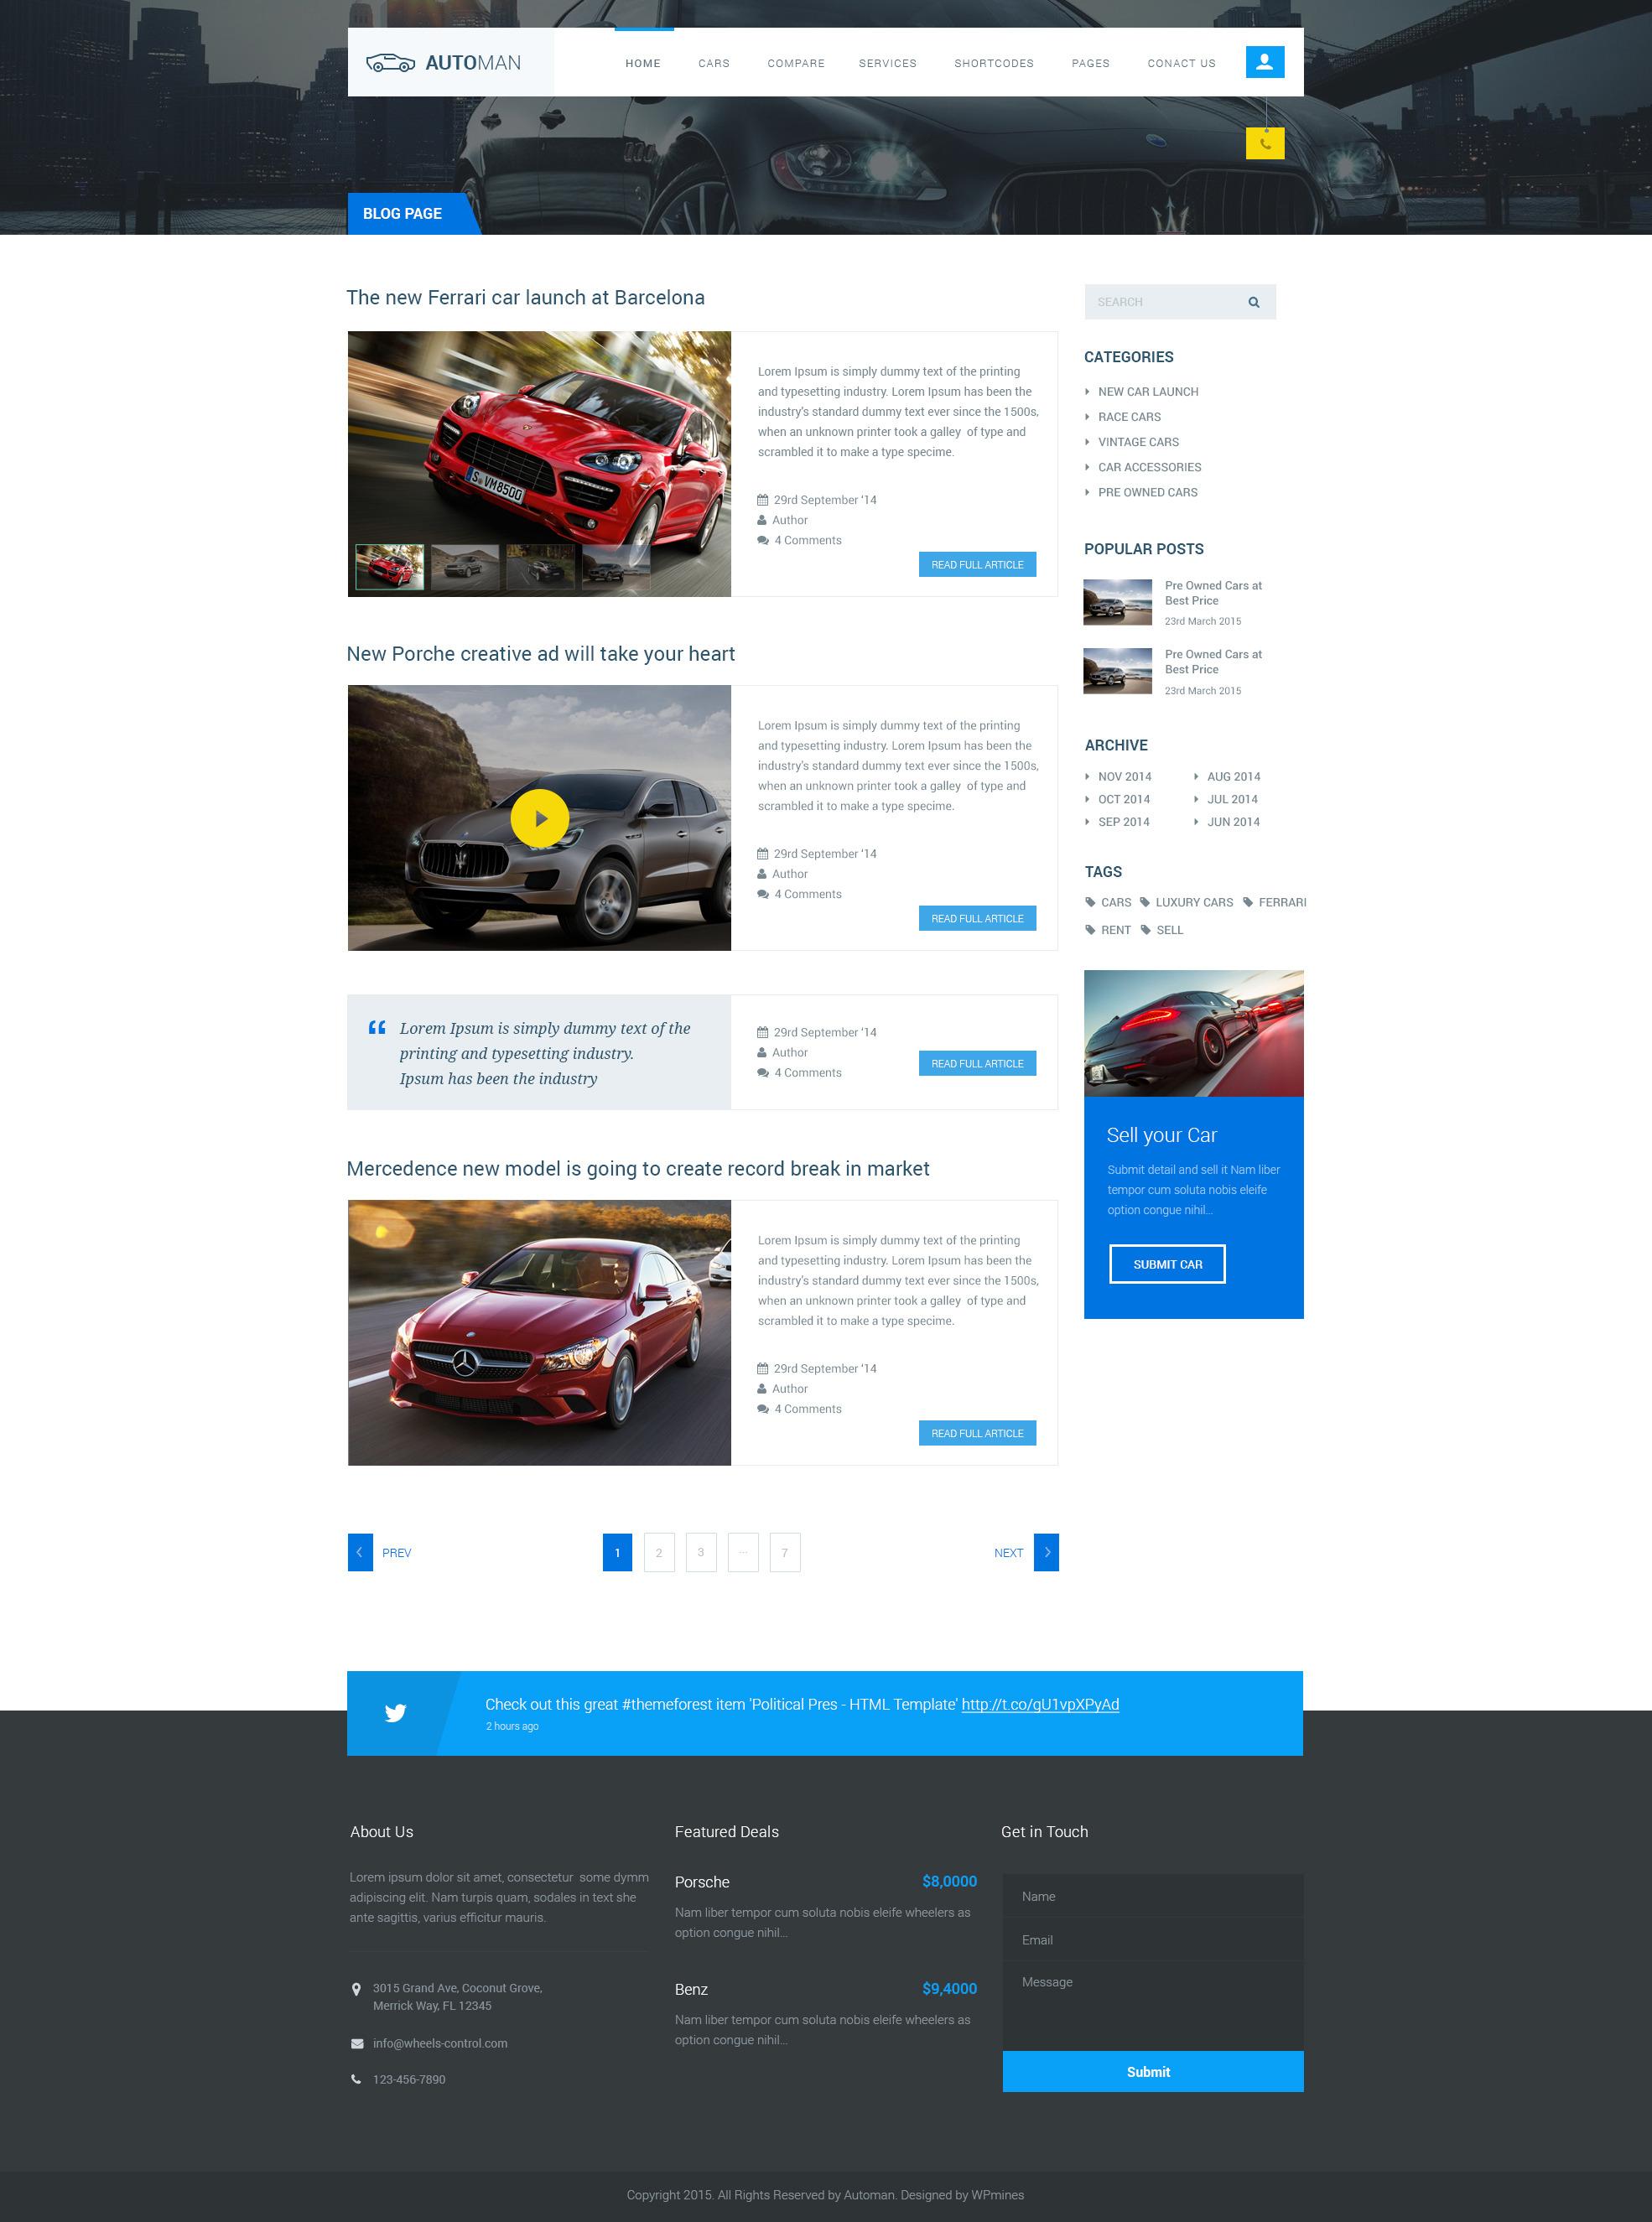 screenshots 13_shortcodes jpg screenshots 14_details 1 jpg screenshots 15_add car details jpg screenshots 17_contact details jpg